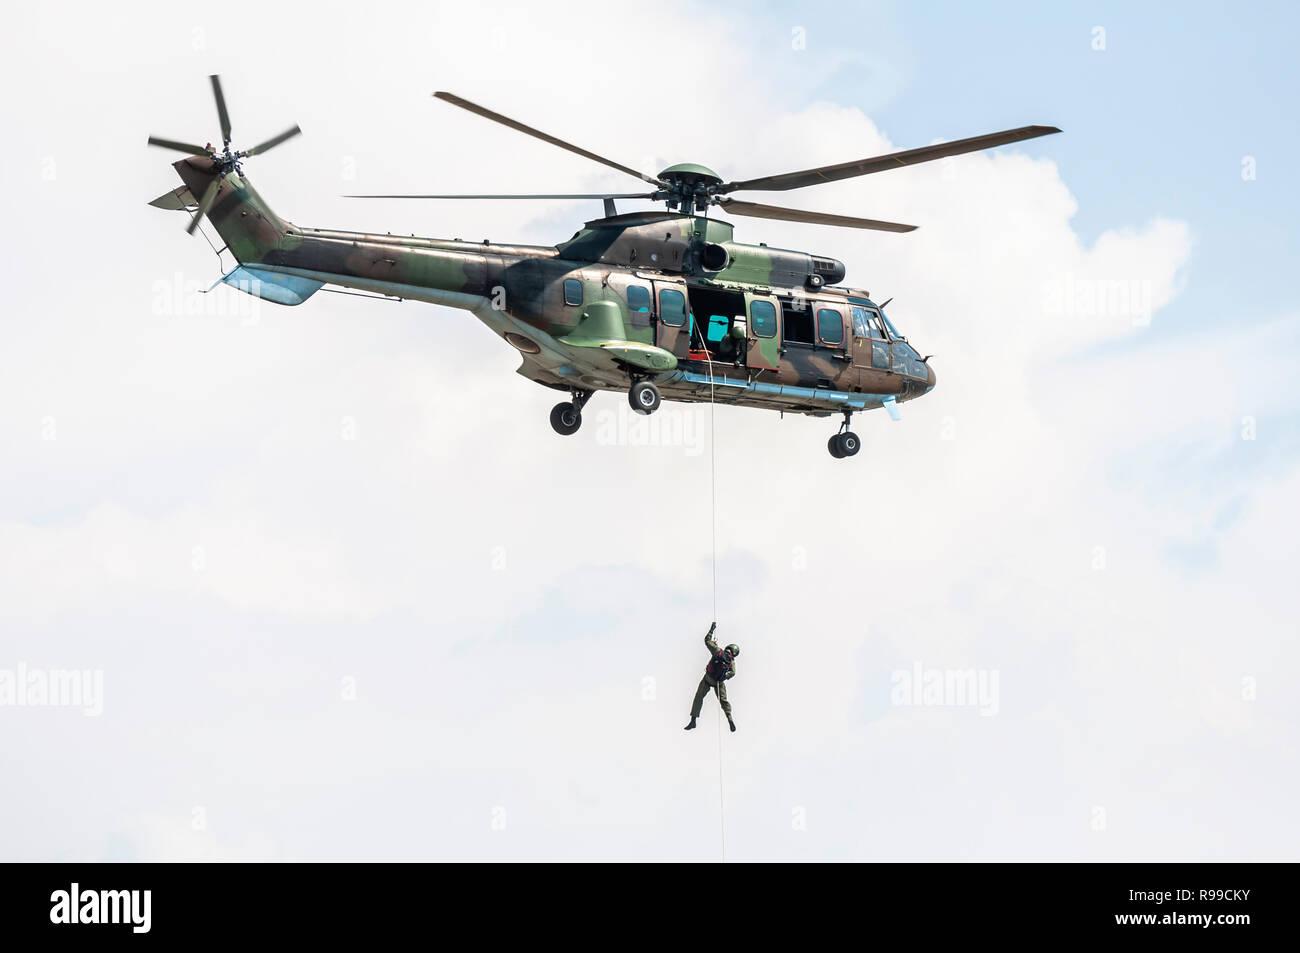 Los soldados bajar una cuerda desde un helicóptero militar. Operación especial militar. Imagen De Stock